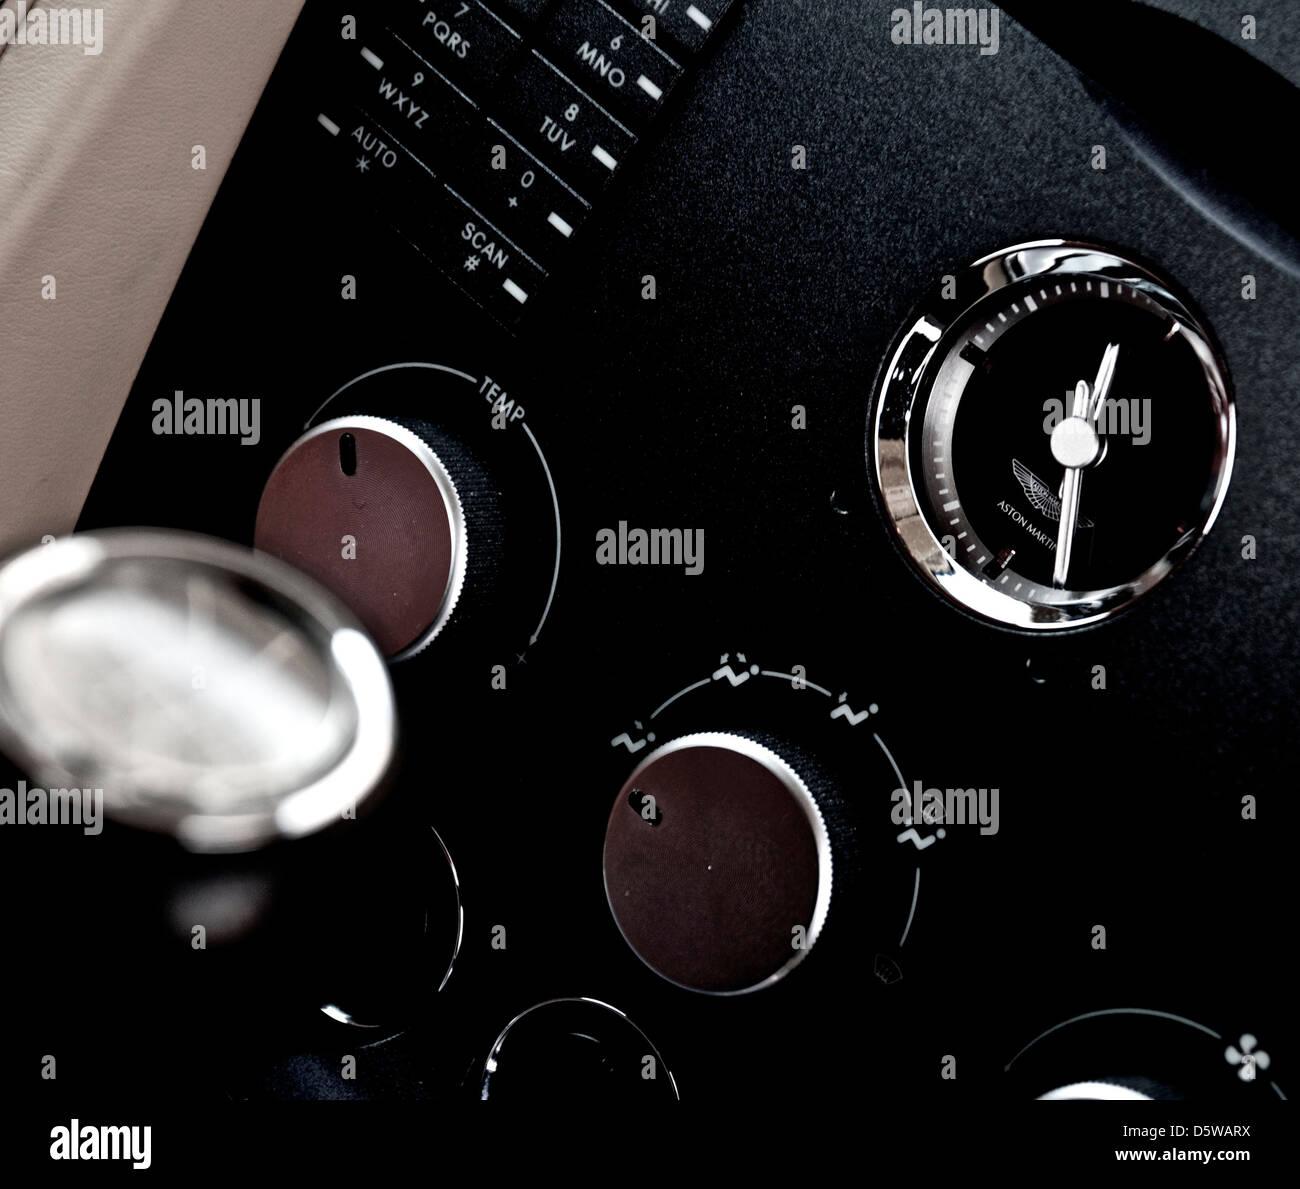 Aston Martin Armaturenbrett zeigt die Uhr Schalthebel und einige Steuerelemente Stockbild